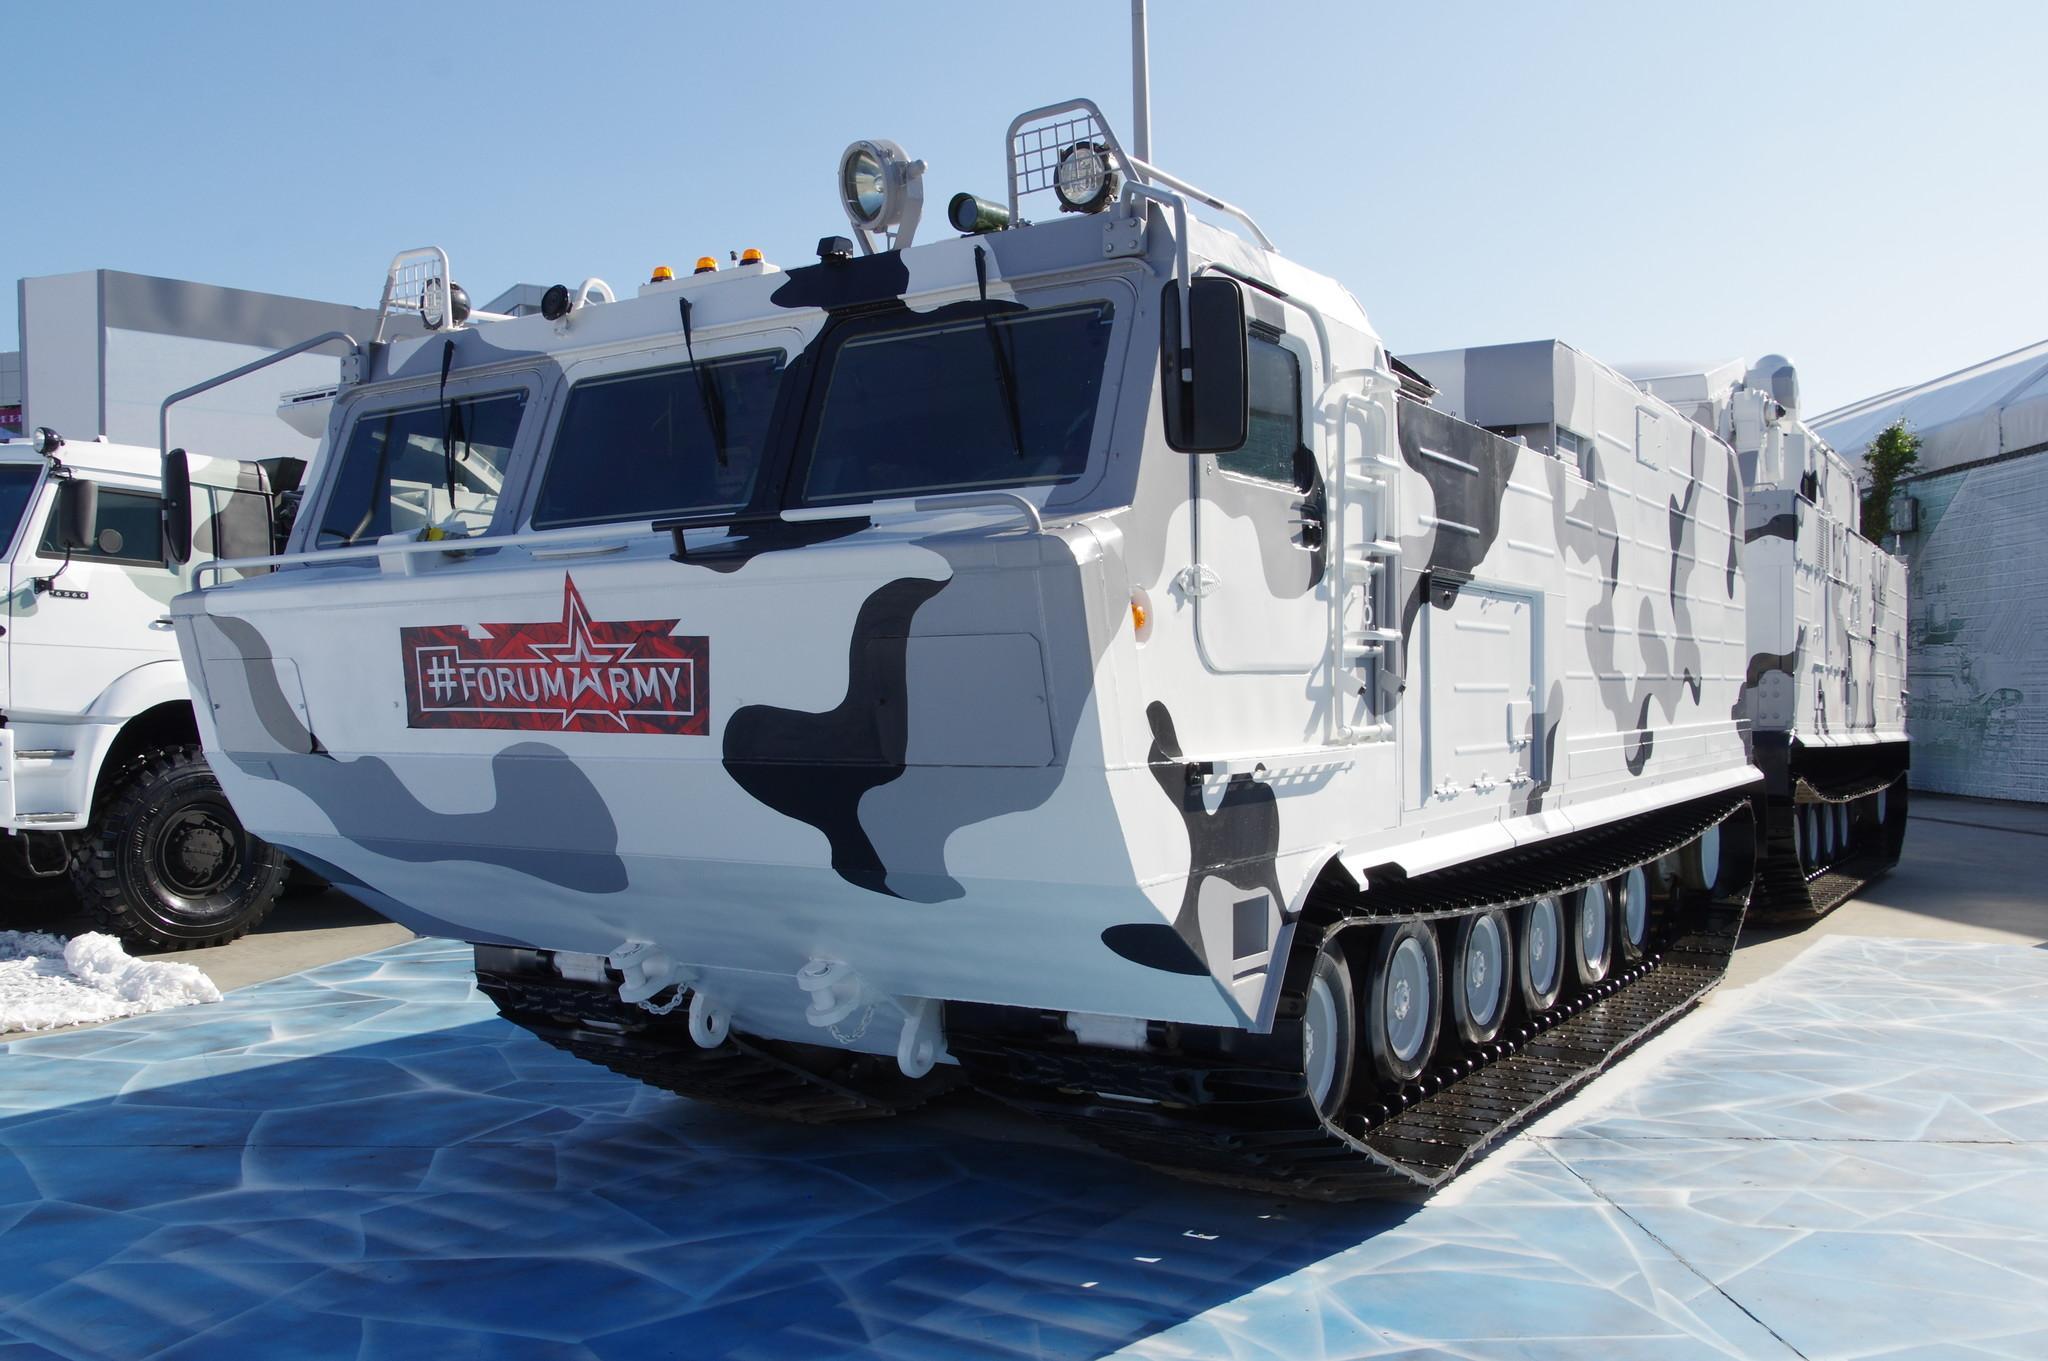 Боевая машина 9А 331МДТ из состава зенитного ракетного комплекса 9К 331МДТ («Тор-М2ДТ»)